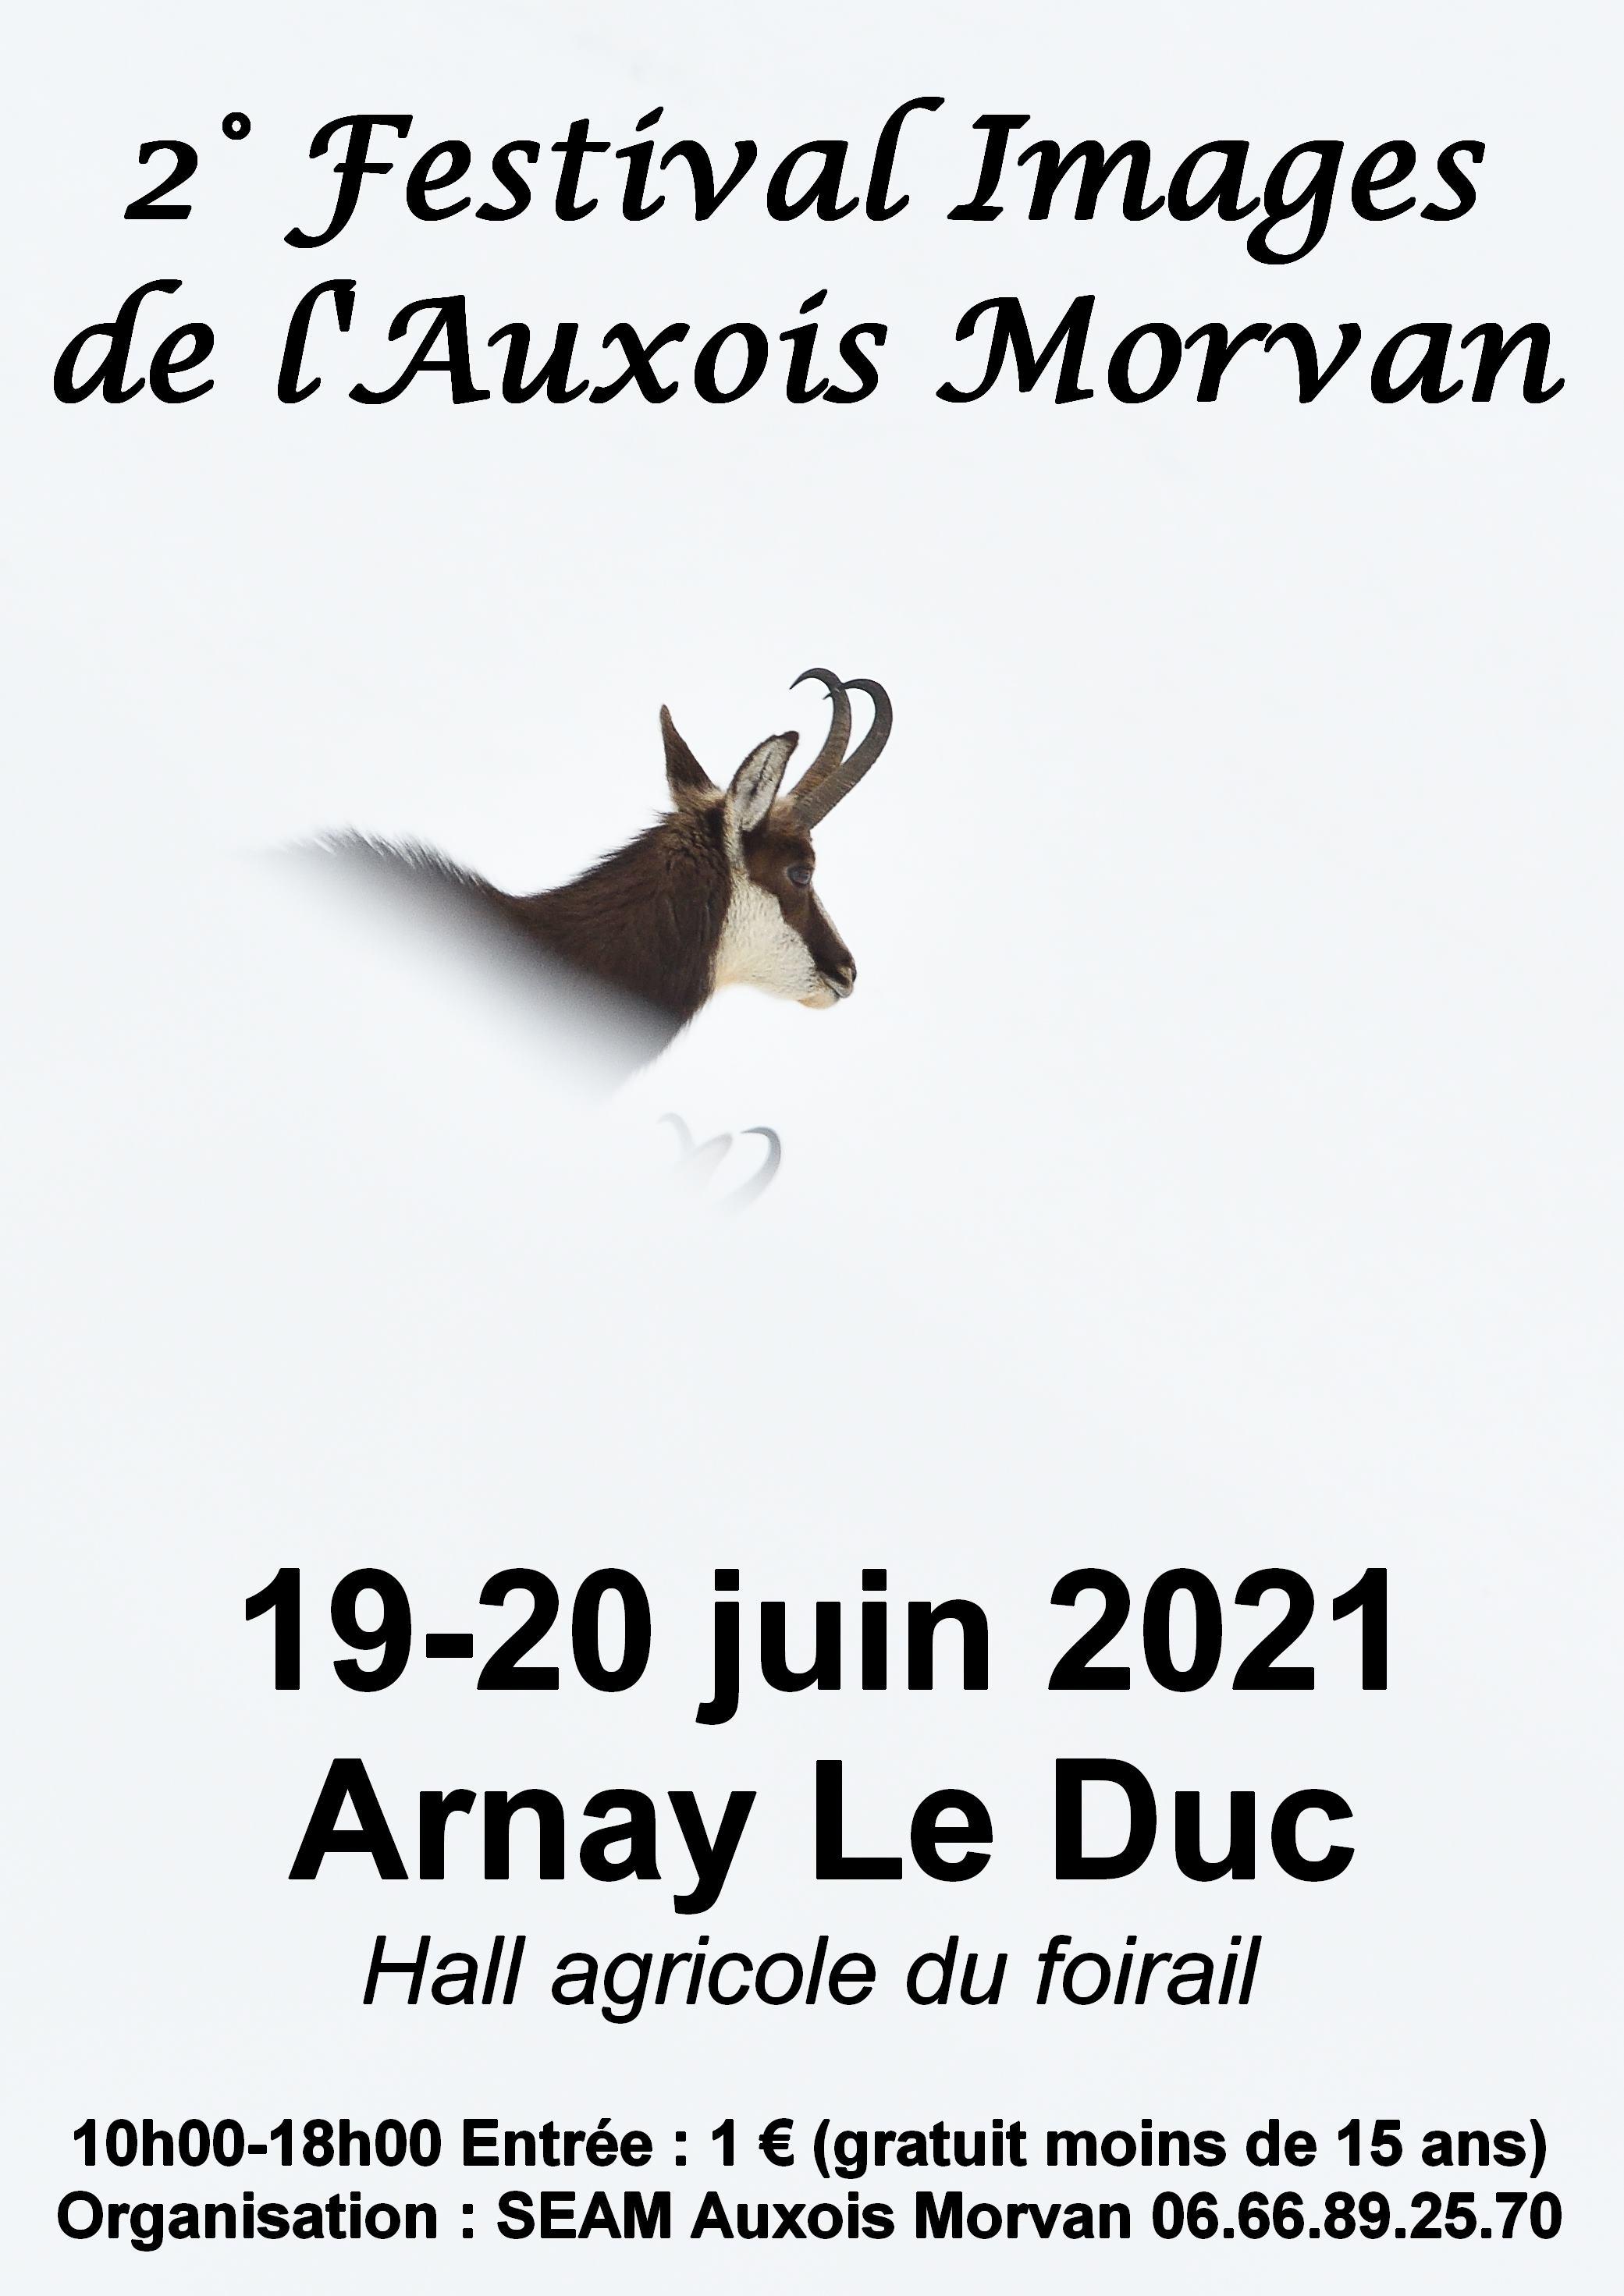 2ème Festival Images de l'Auxois Morvan